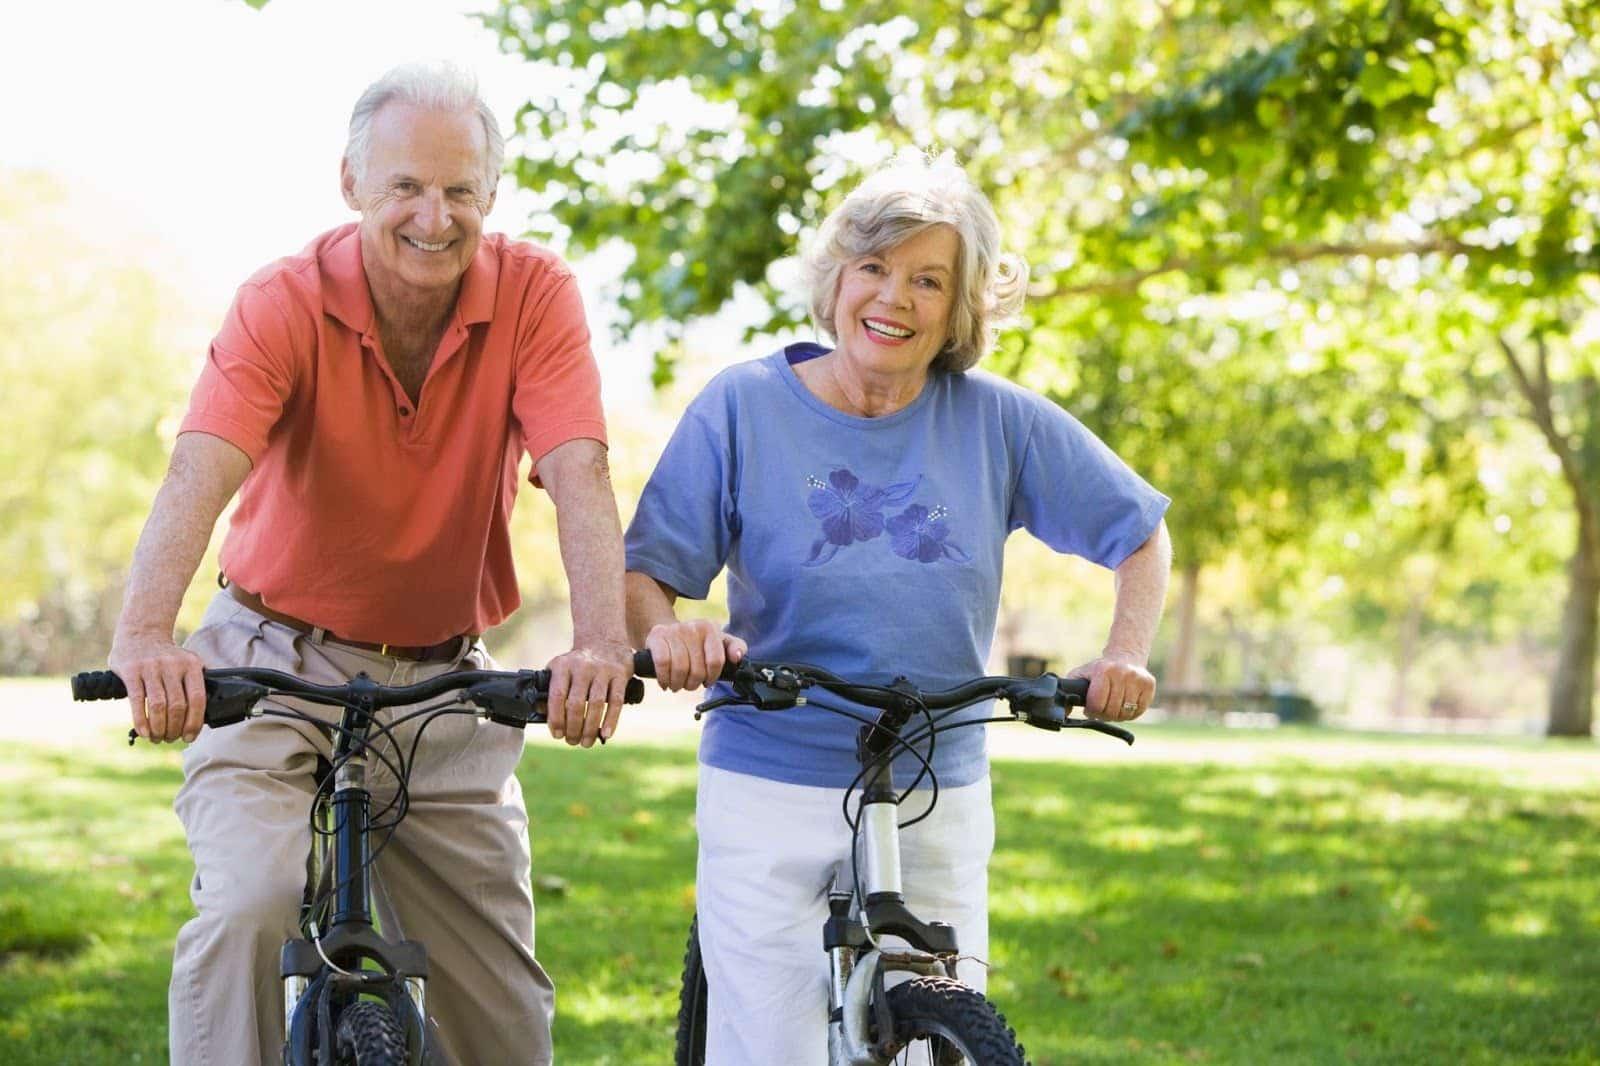 пожилая пара велоспорт фото